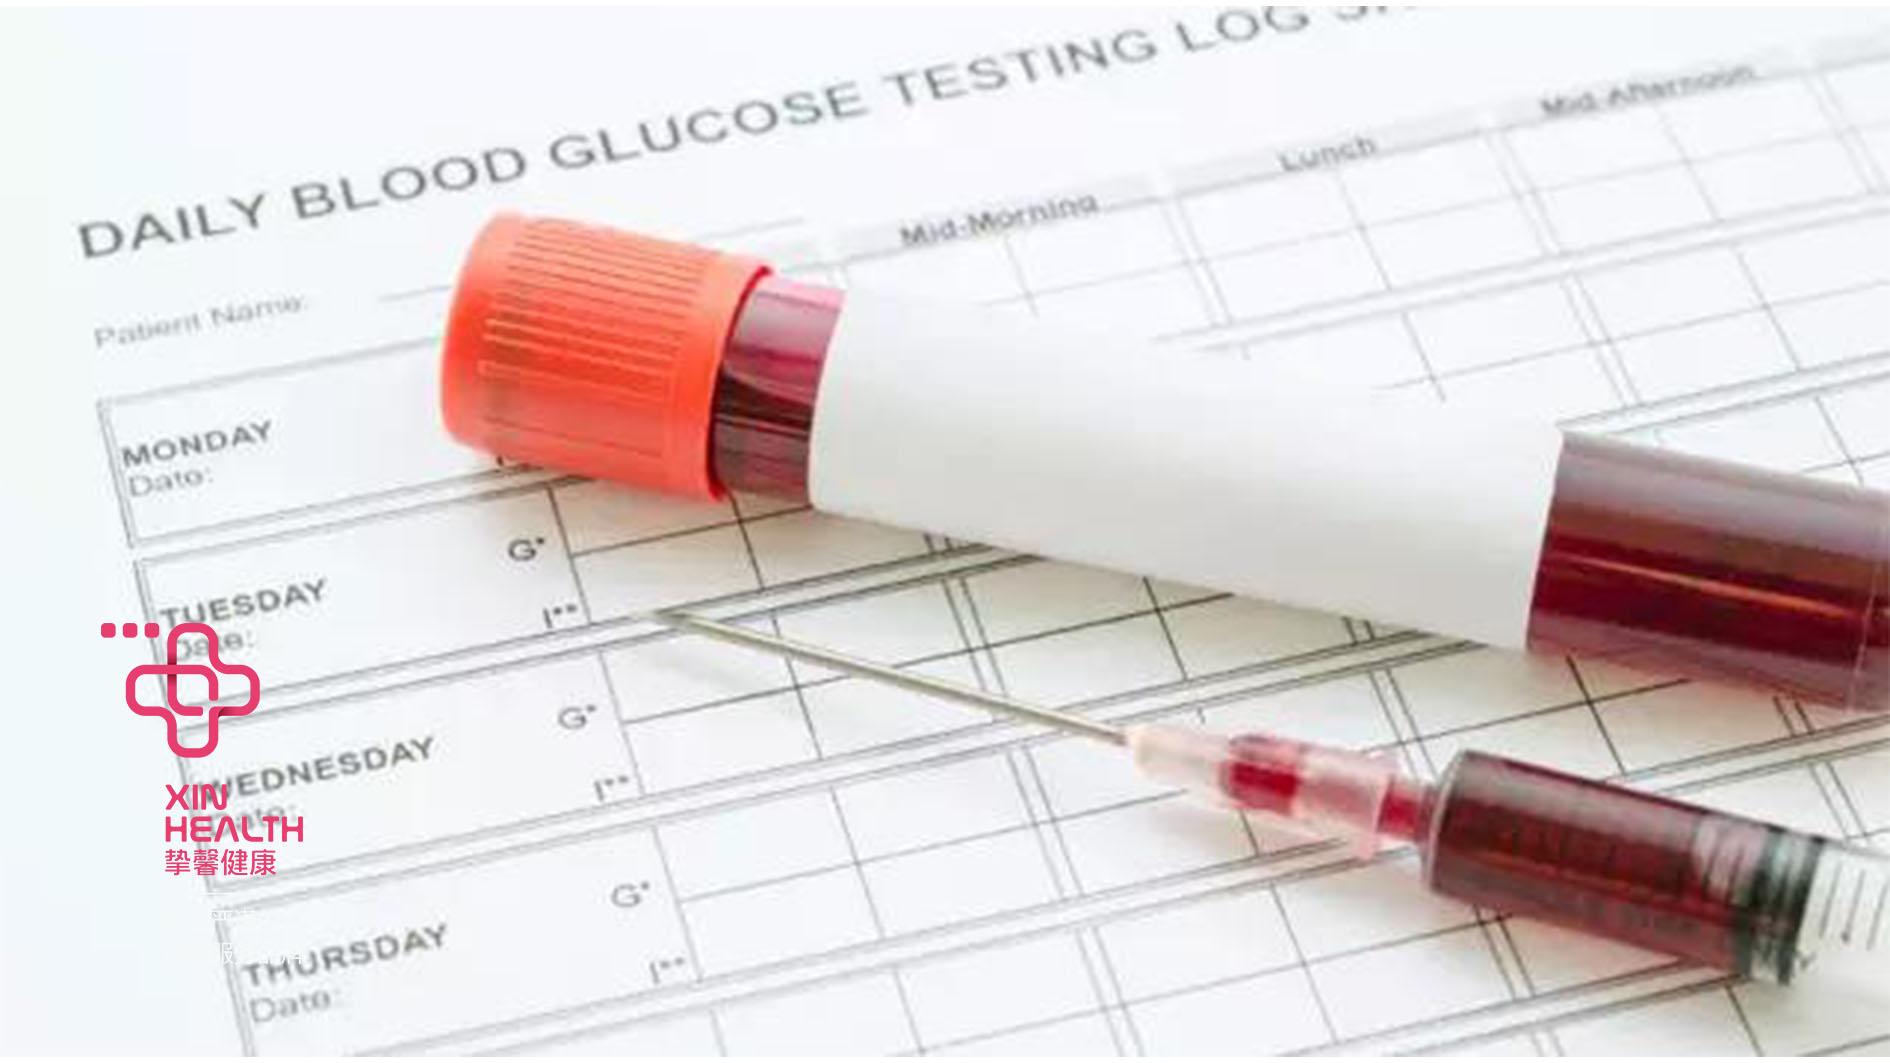 血液检测准备